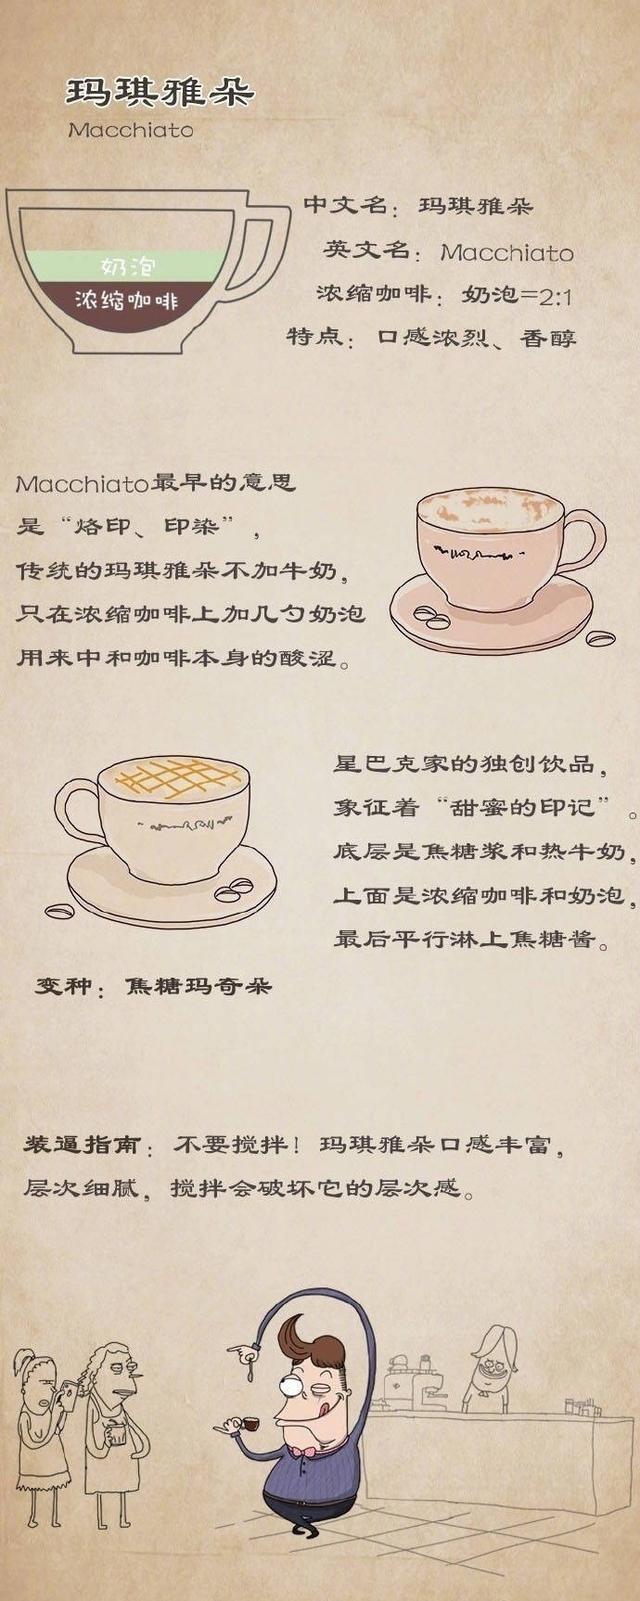 咖啡知识图片 (6).JPG